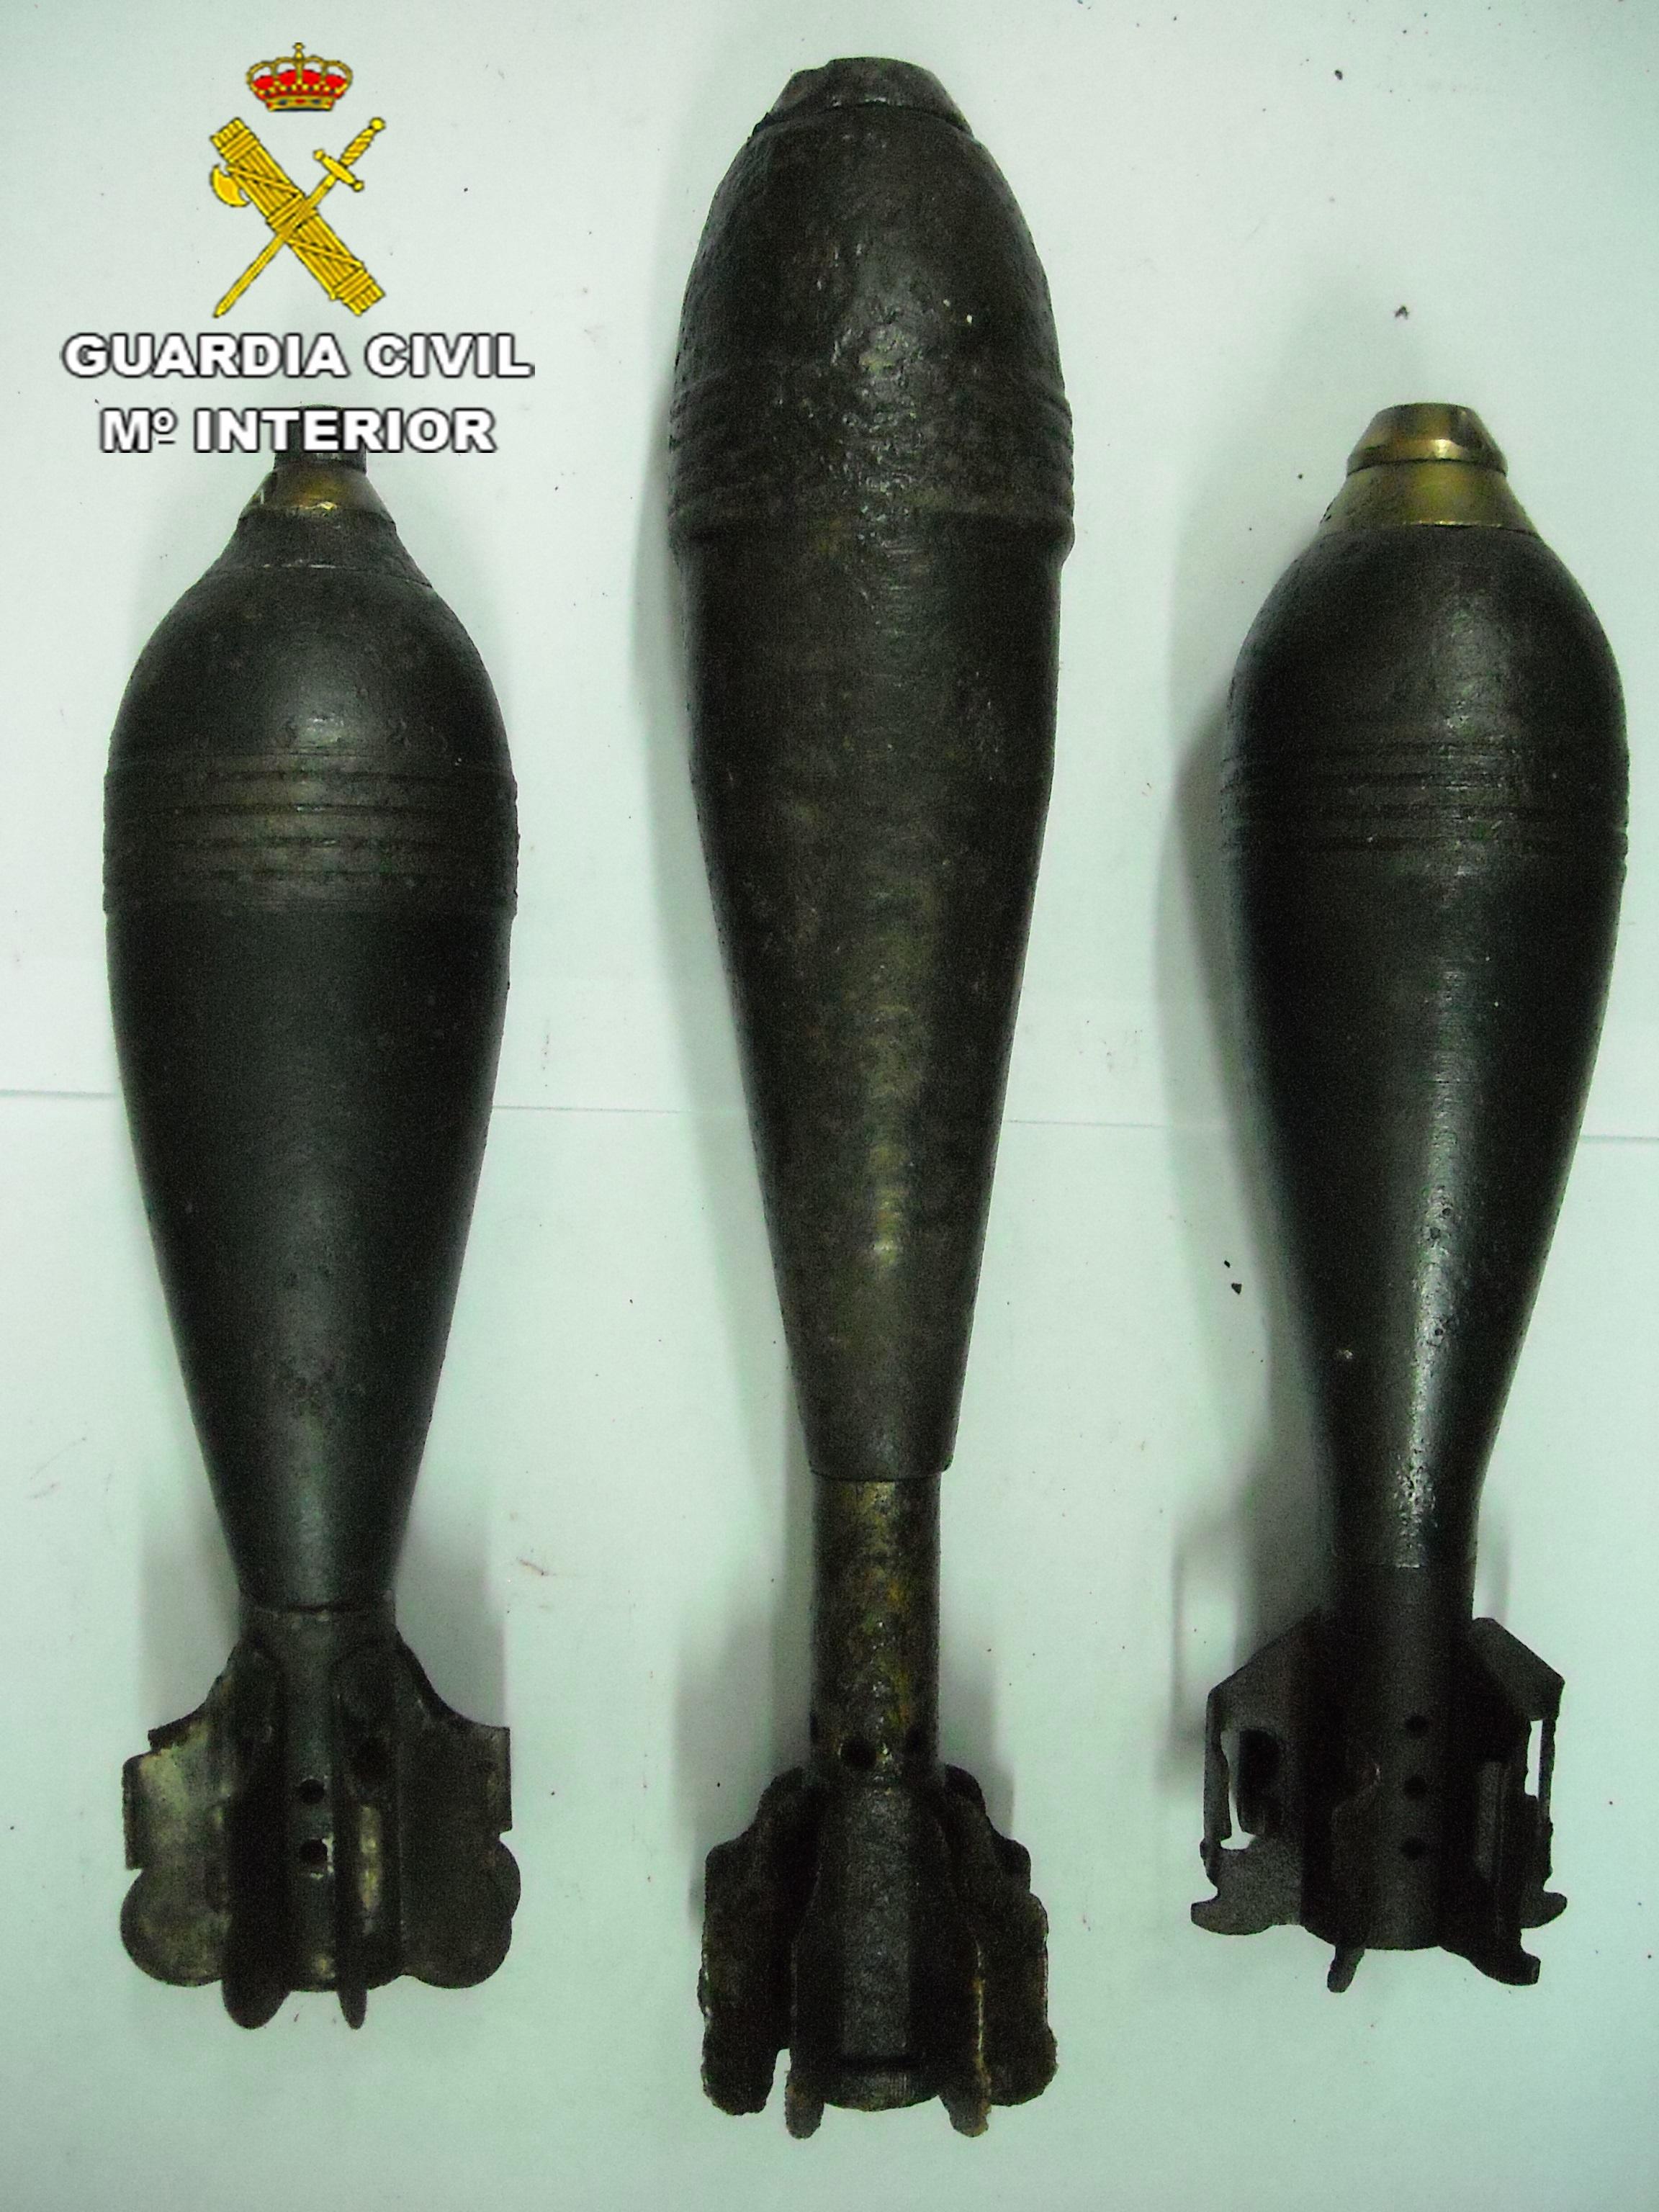 La Guardia Civil localiza y desactiva 275 artefactos explosivos en la Comunidad de Madrid durante 2013